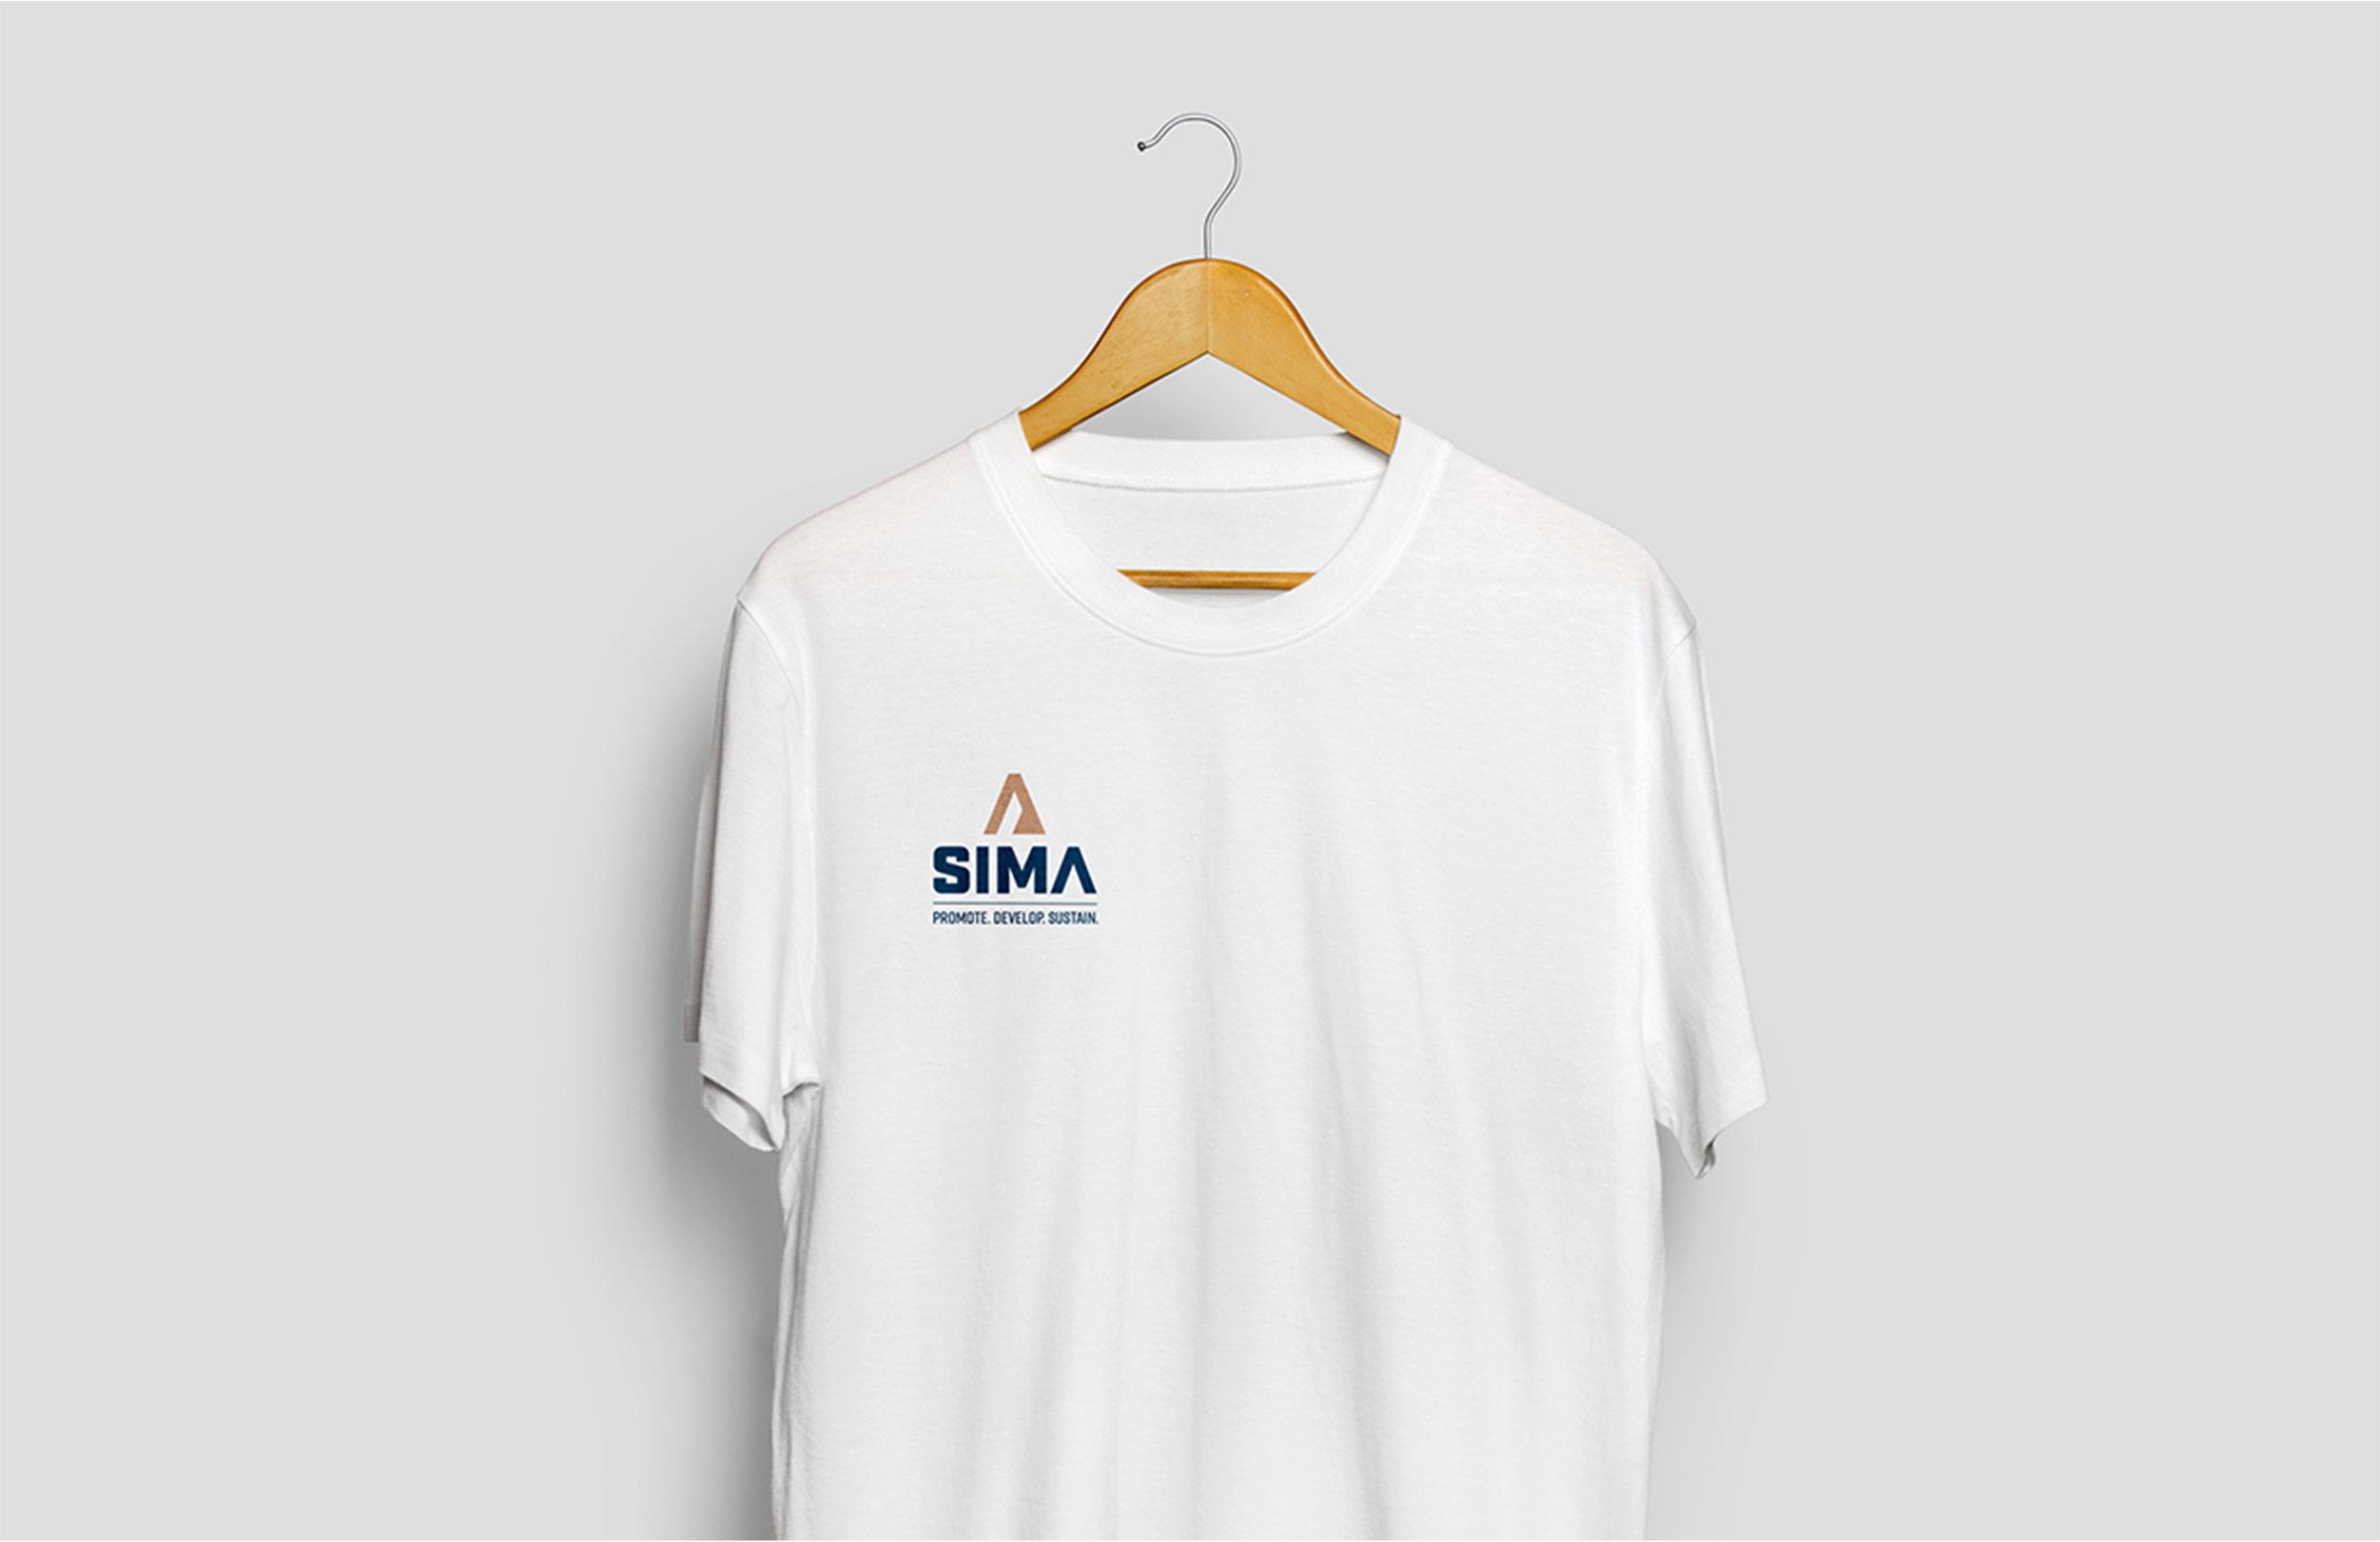 SIMA_Shirt.jpg